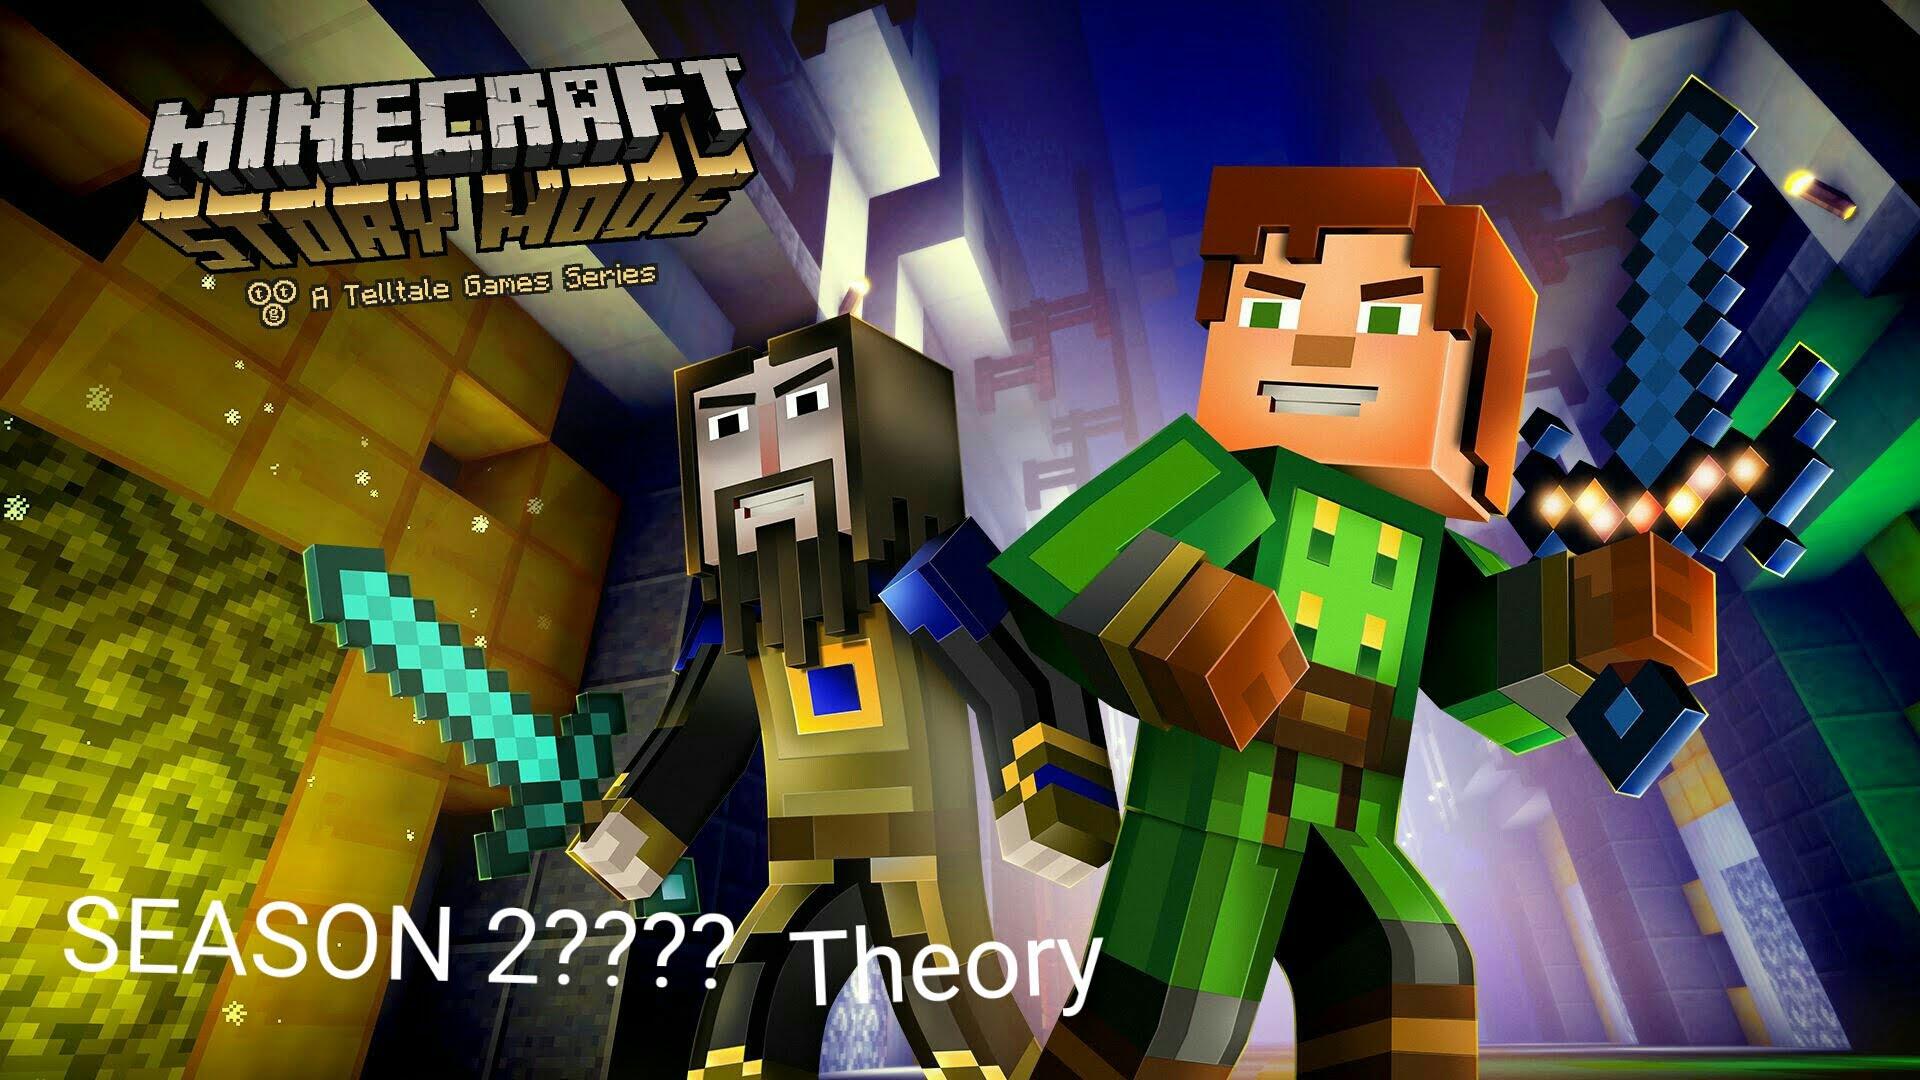 Download Minecraft Apk New Version Free